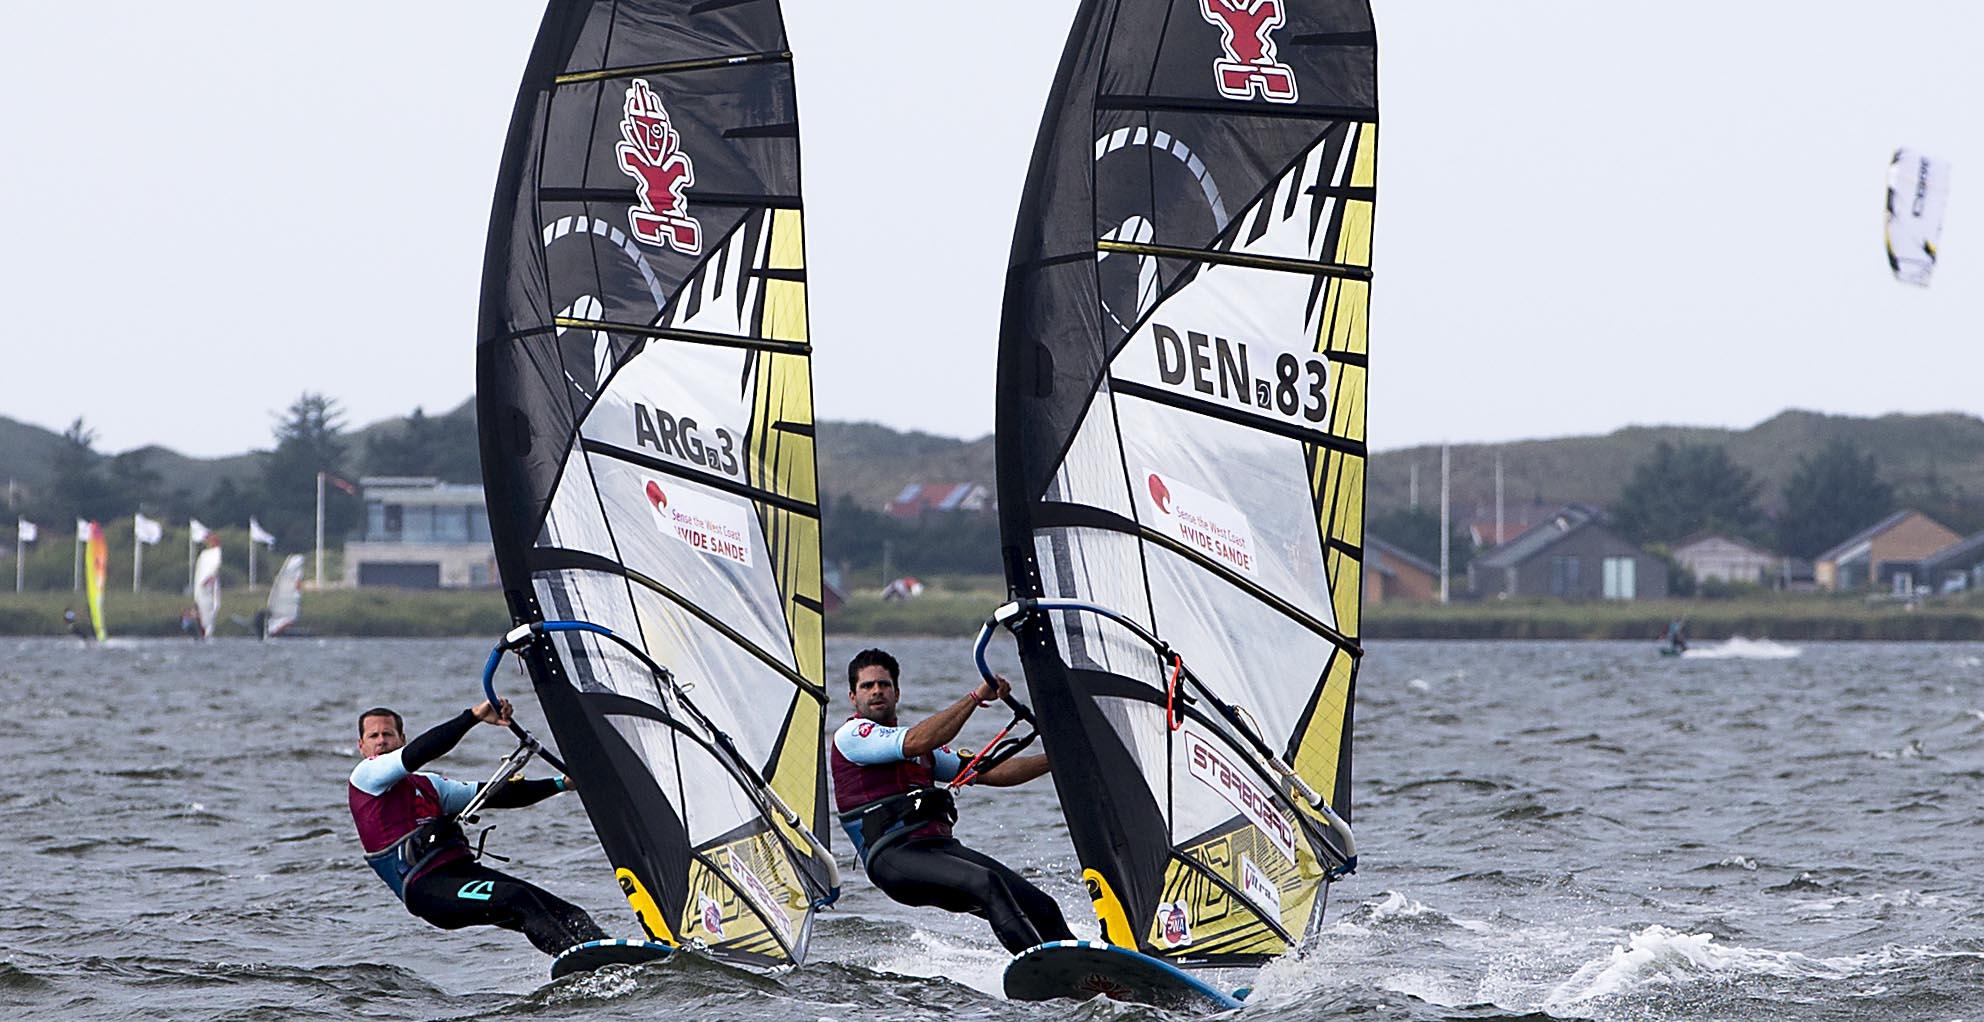 Kurosh Kiani windsurfing during world cup in Denmark